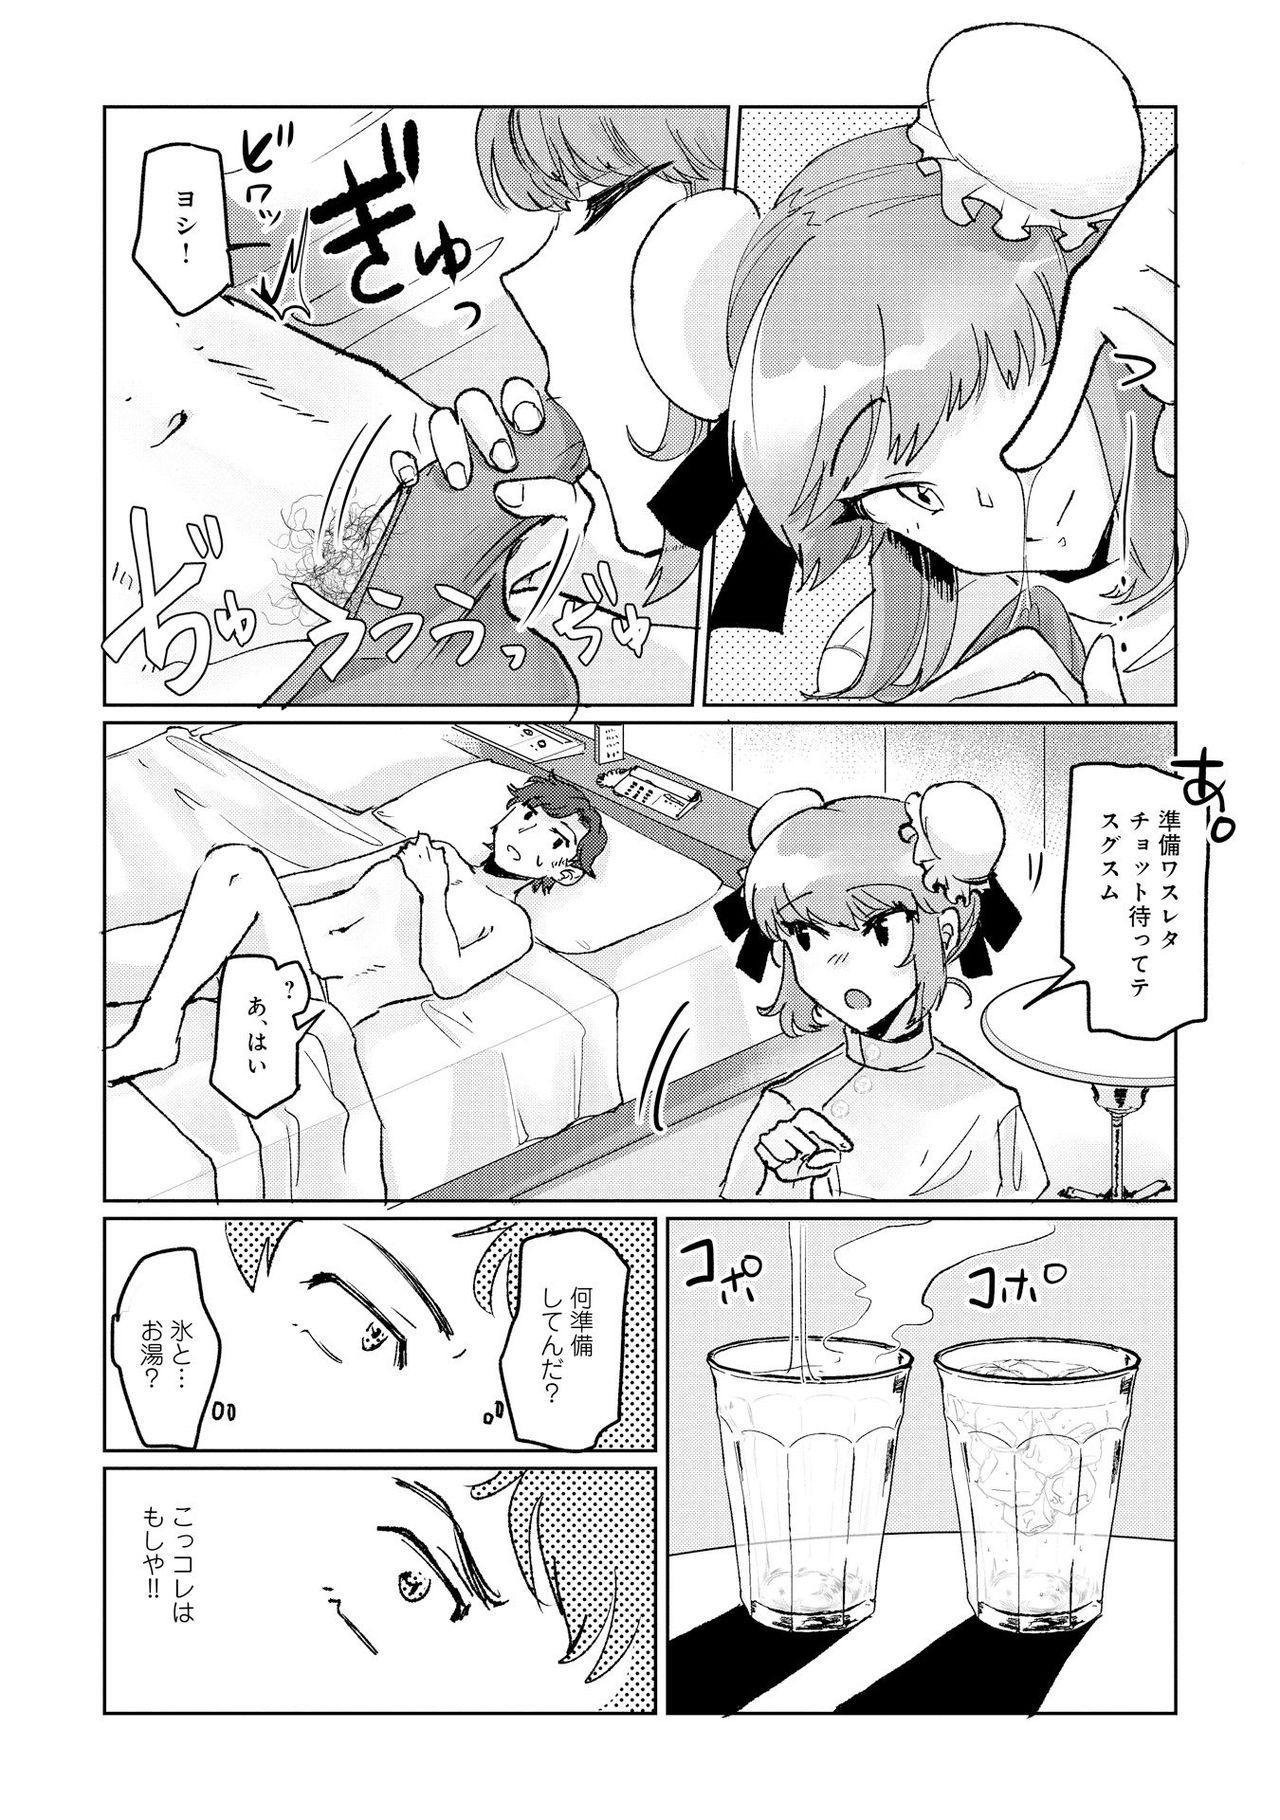 Otokonoko Fuuzoku de Onnanoko Mitai ni Ikasarechau Anthology 2 uragaeshi 59